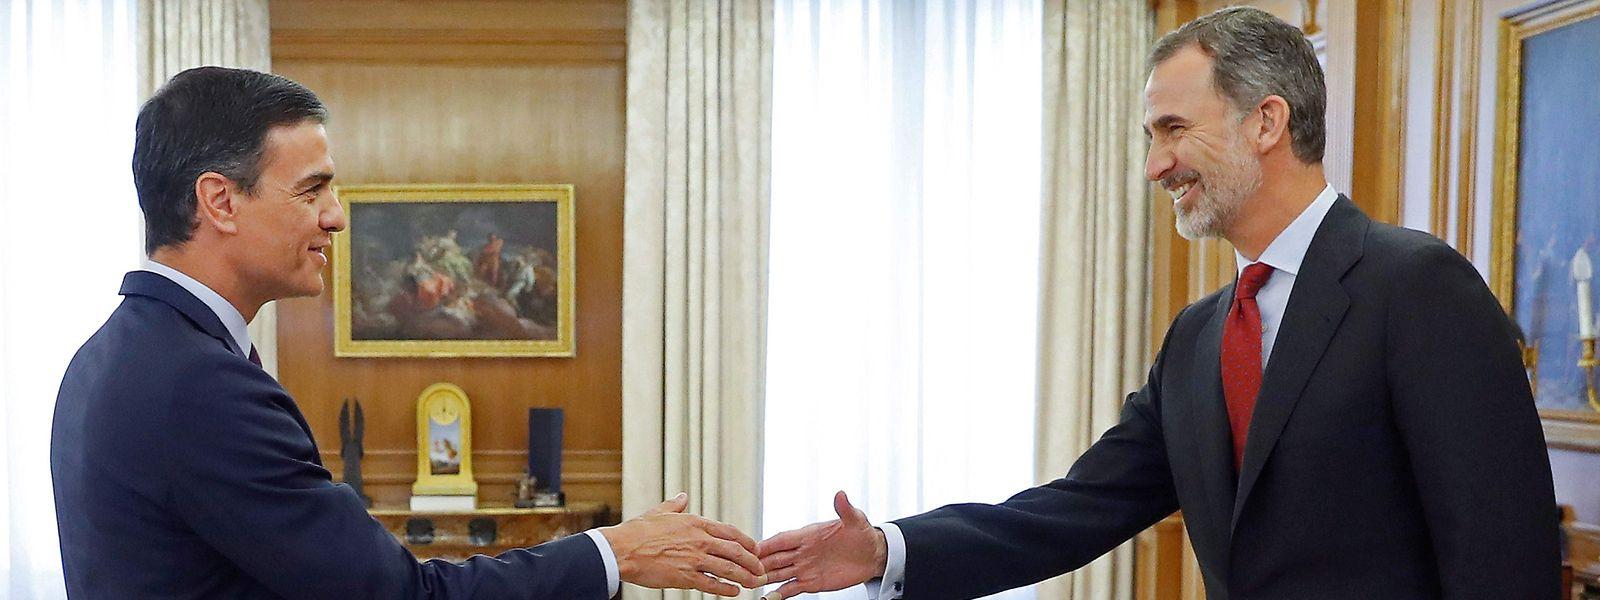 König Felipe empfing Sanchez am Donnerstag im Zarzuela-Palast.